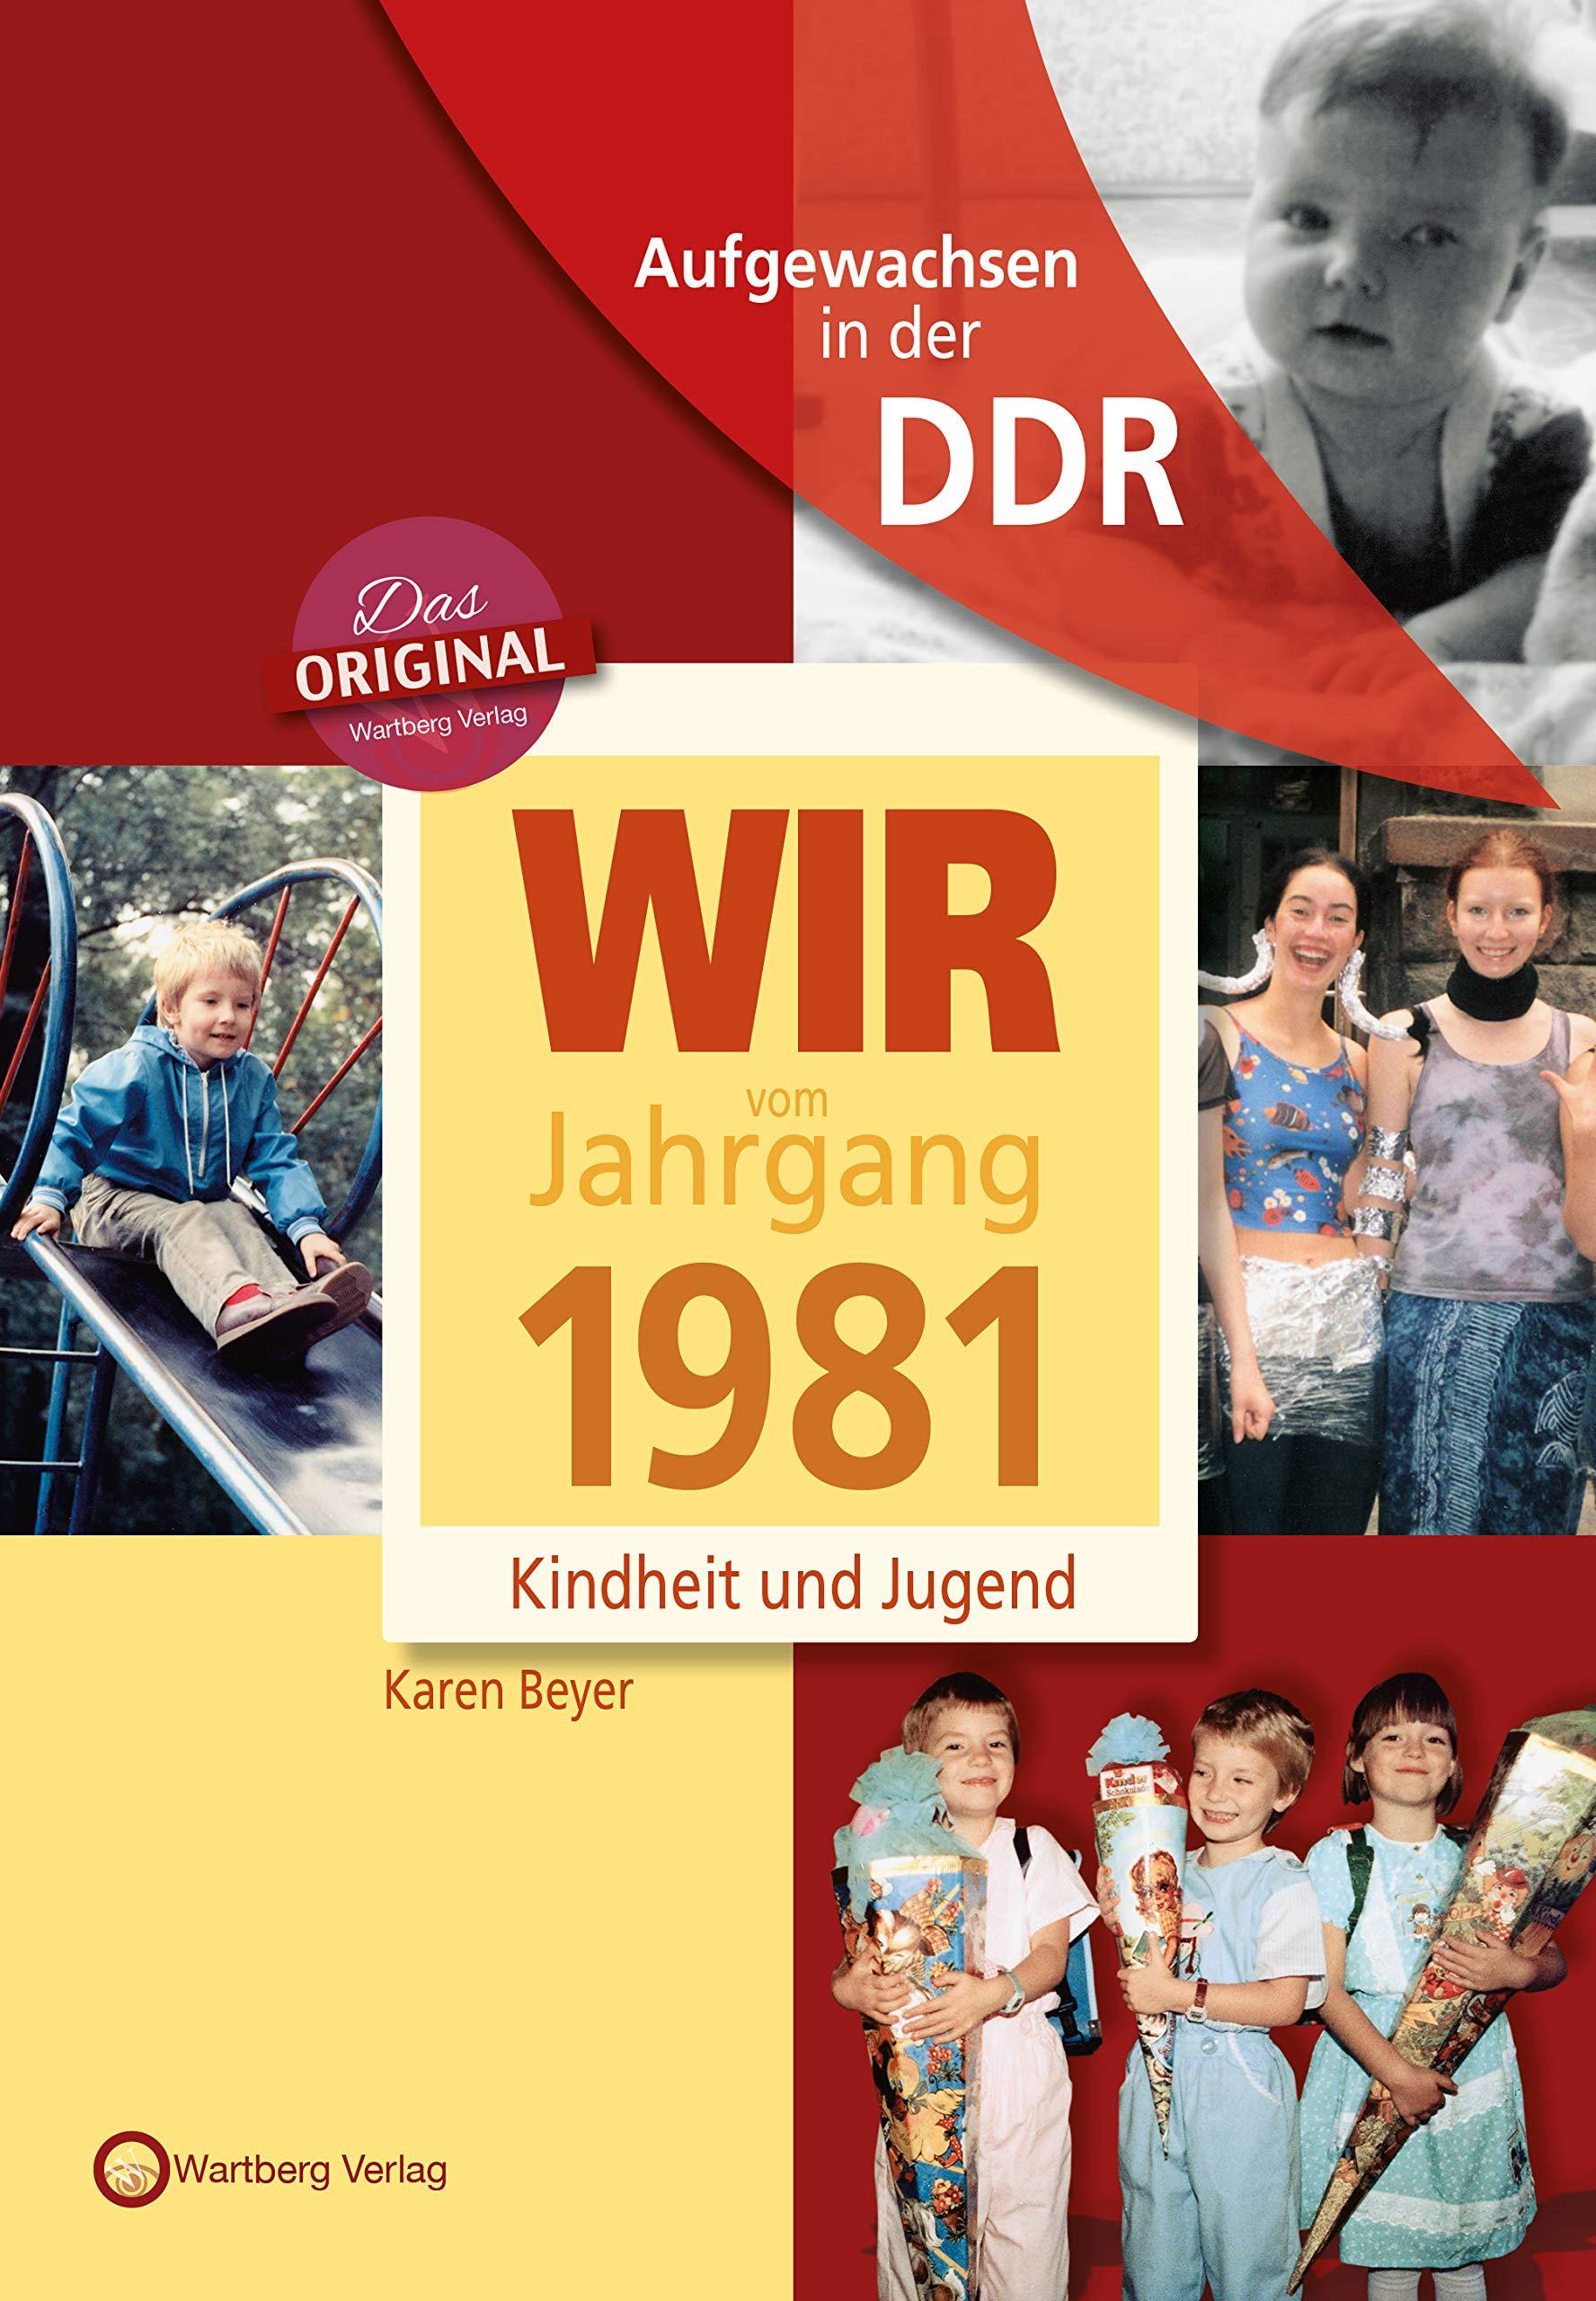 aufgewachsen-in-der-ddr-wir-vom-jahrgang-1981-kindheit-und-jugend-aufgewachsen-in-der-ddr